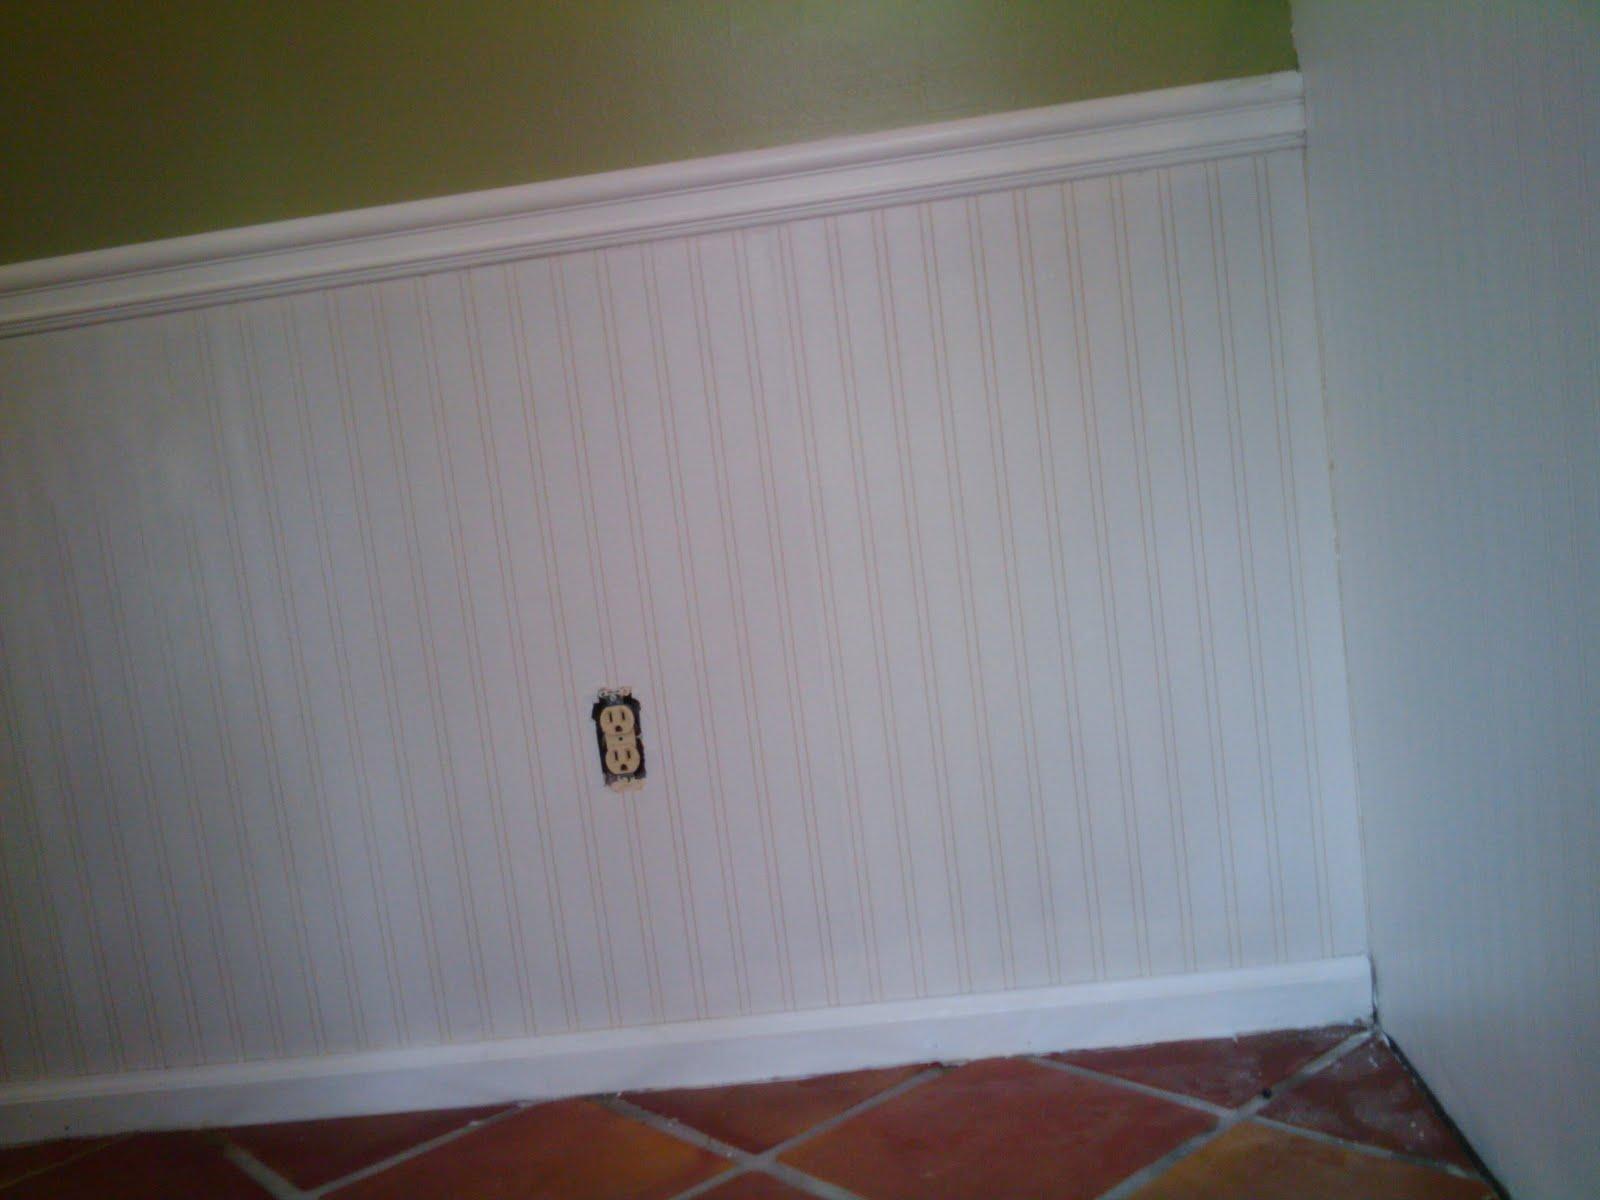 http://2.bp.blogspot.com/_uXpuiBxibZ8/S71eduKc6TI/AAAAAAAAAVo/9lwL-KyvL_M/s1600/beadboard+wallpaper+kitchen.jpg